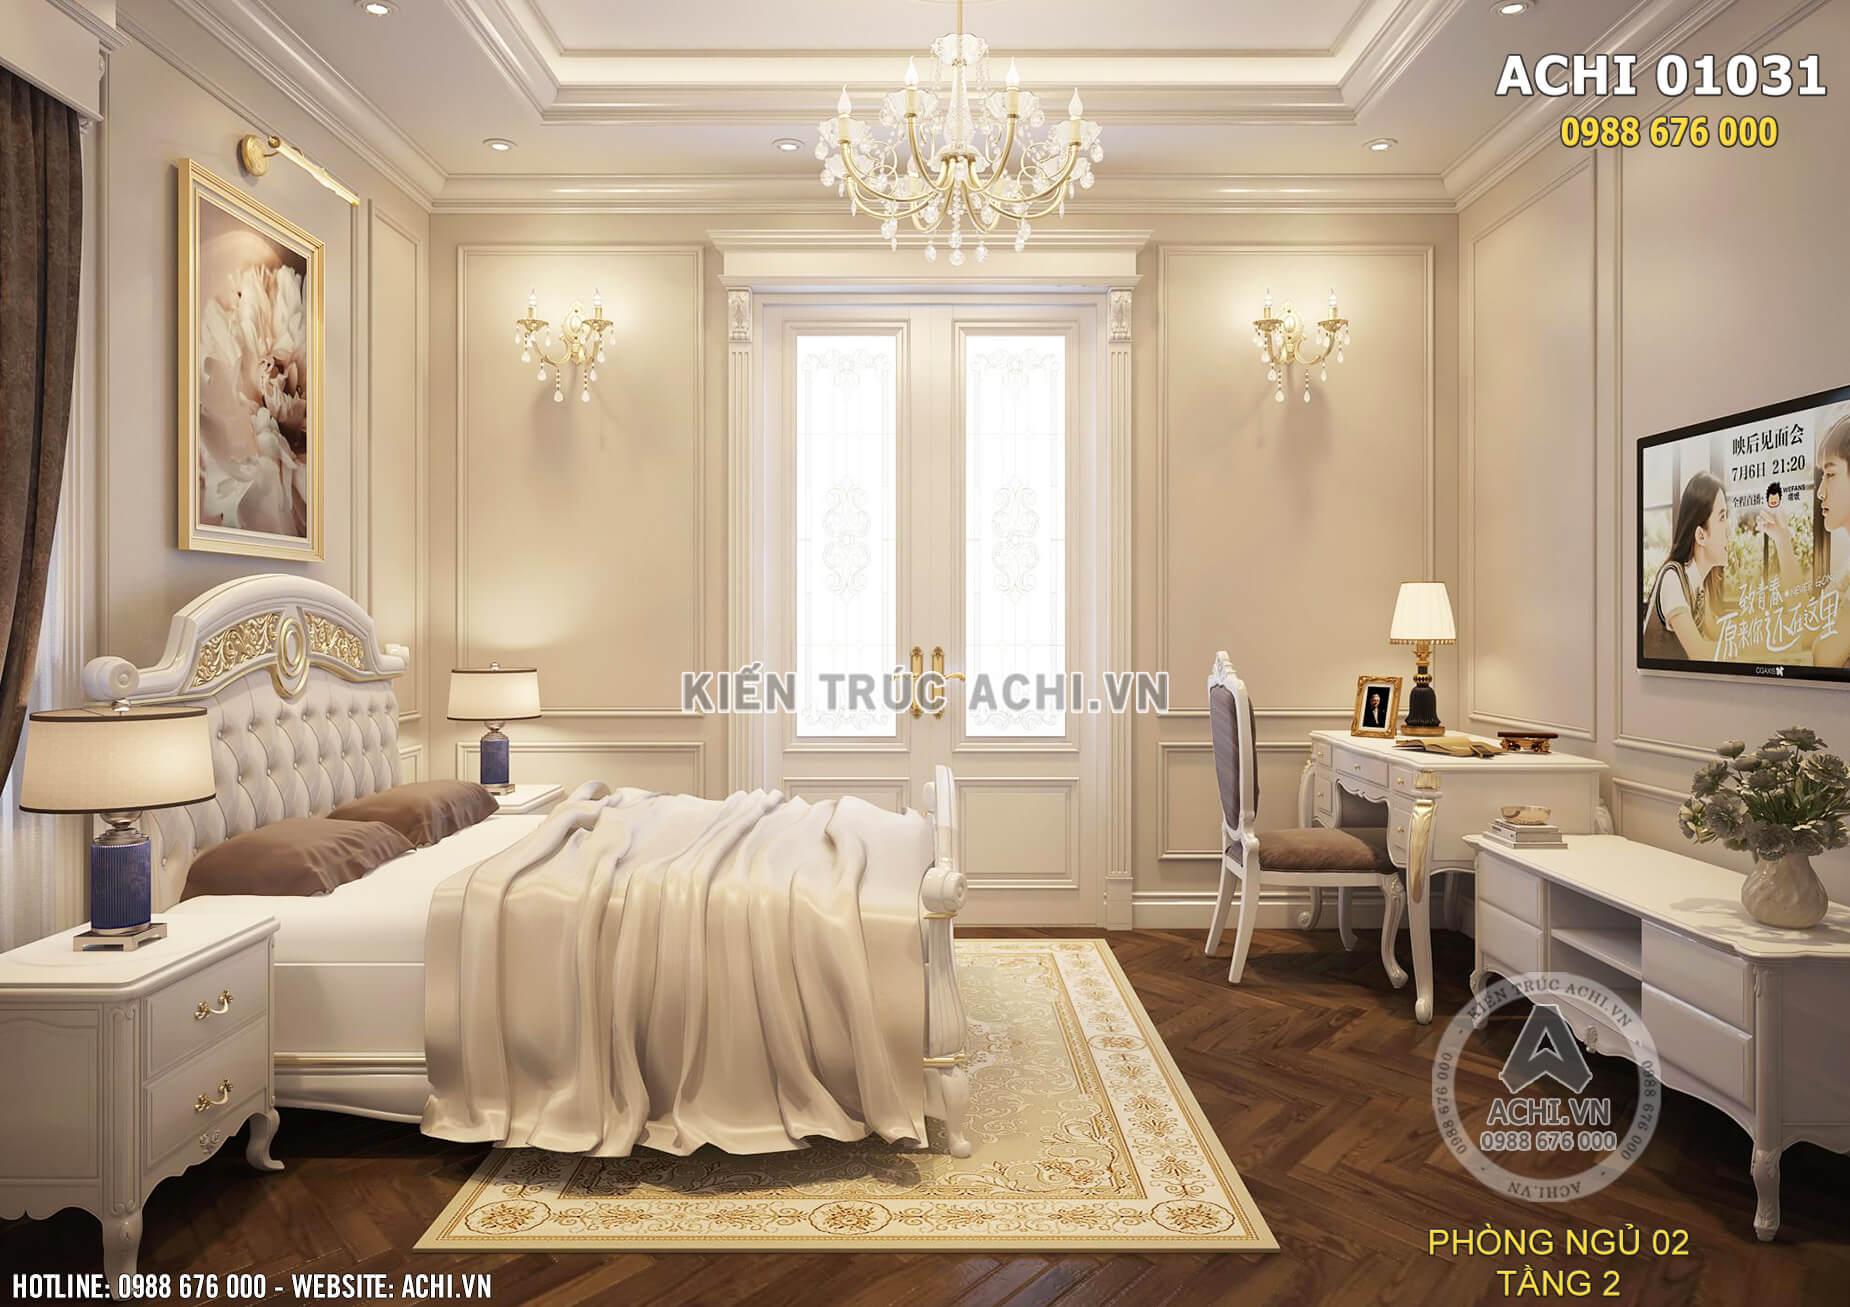 Màu sắc trang nhã nhẹ nhàng được sử dụng tại phòng ngủ ở tầng 2